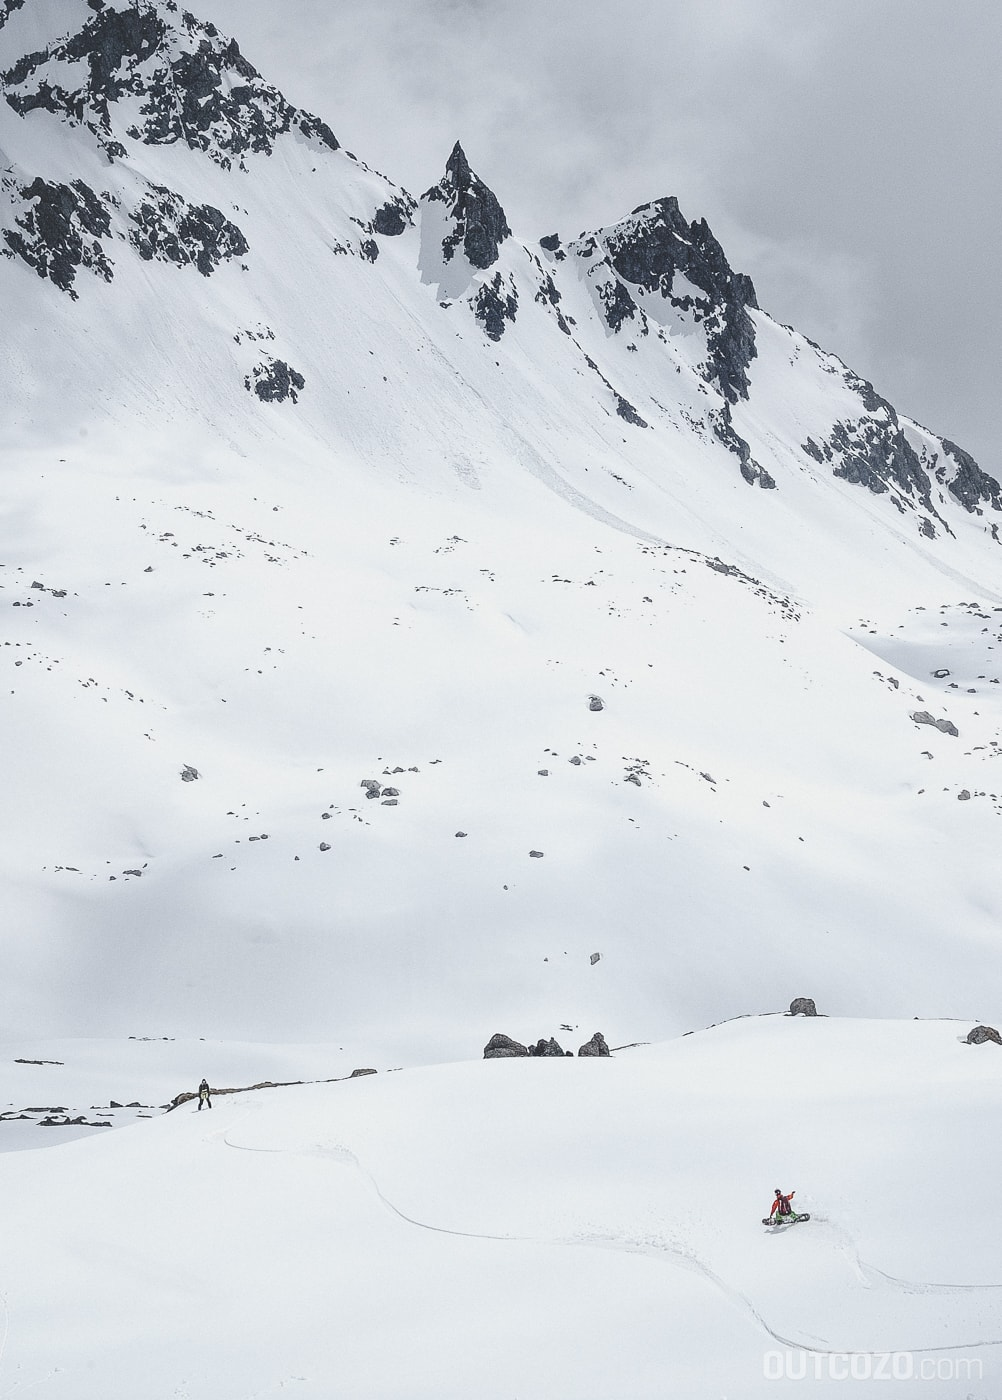 Abfahrt im Firn mit Snowboard